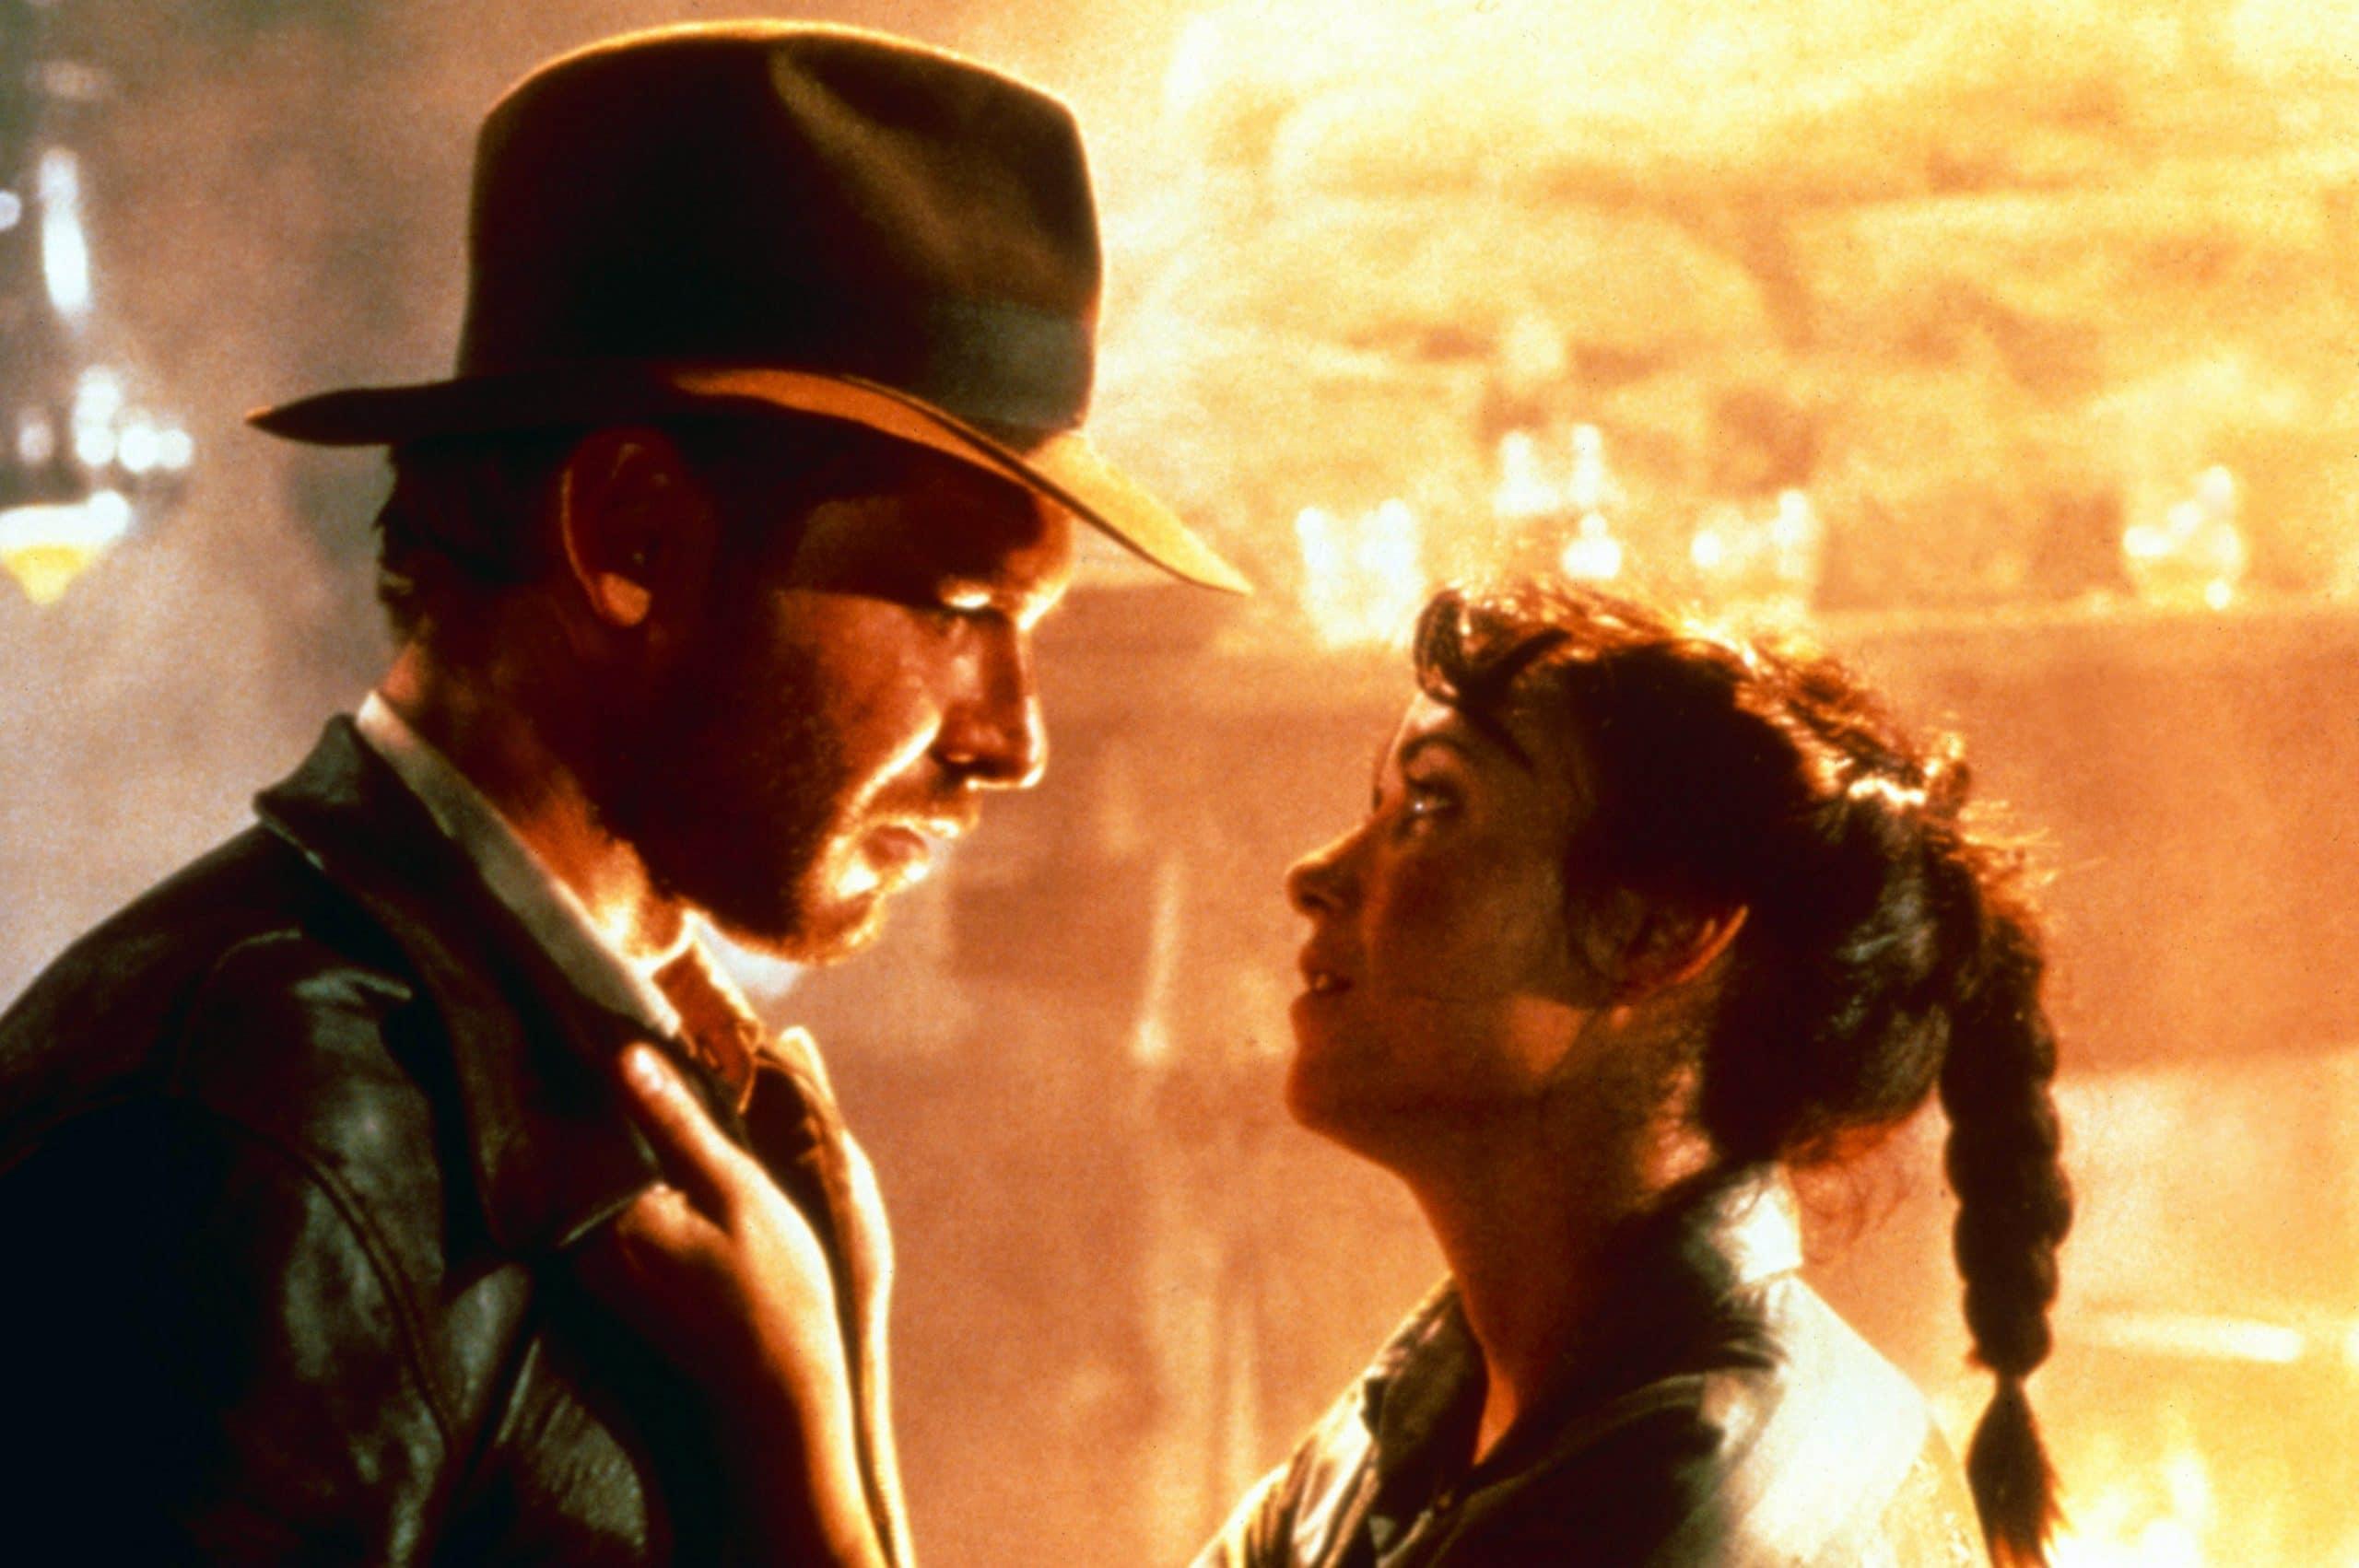 RAIDERS OF THE LOST ARK, (aka INDIANA JONES AND THE RAIDERS OF THE LOST ARK), from left: Harrison Ford as Indiana Jones, Karen Allen